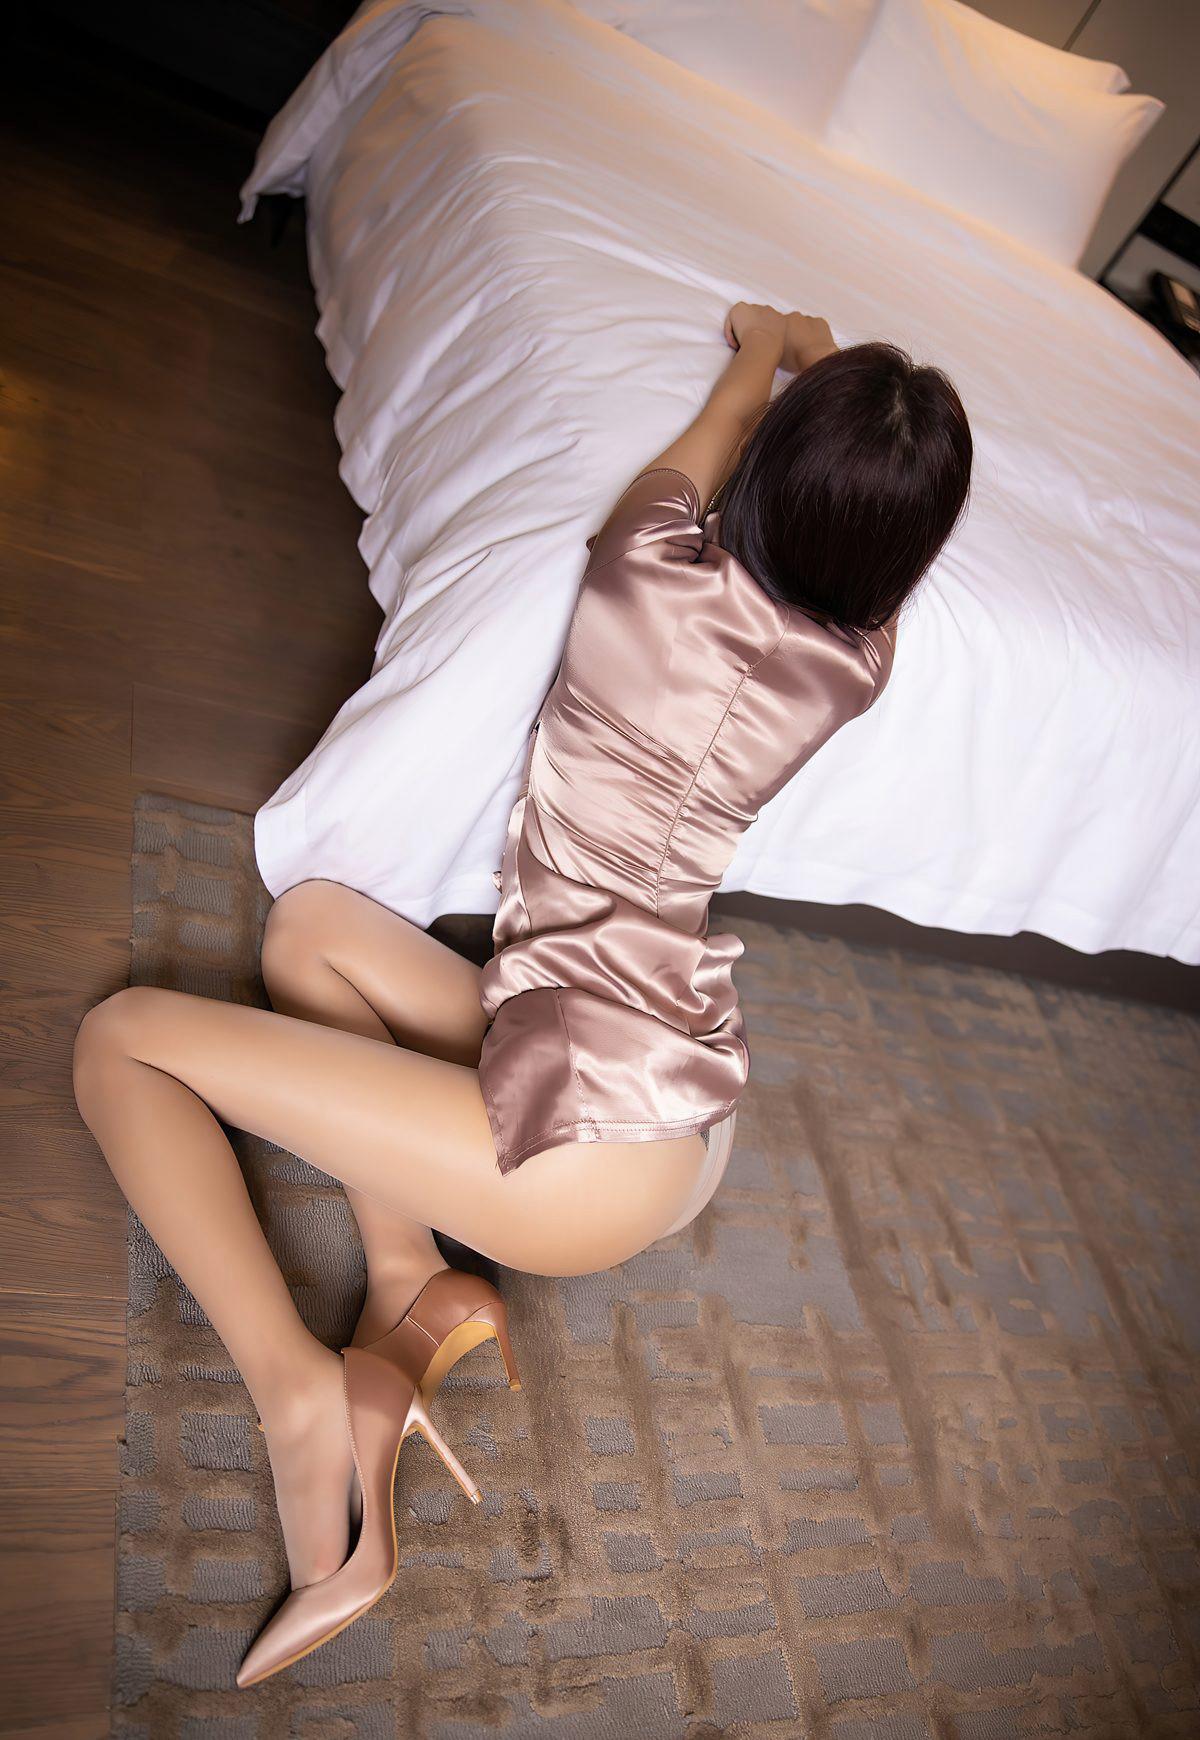 杨晨晨sugar2021性感旗袍诱惑肉丝袜美腿高清玉足高跟-91-『游乐宫』Youlegong.com 第2张